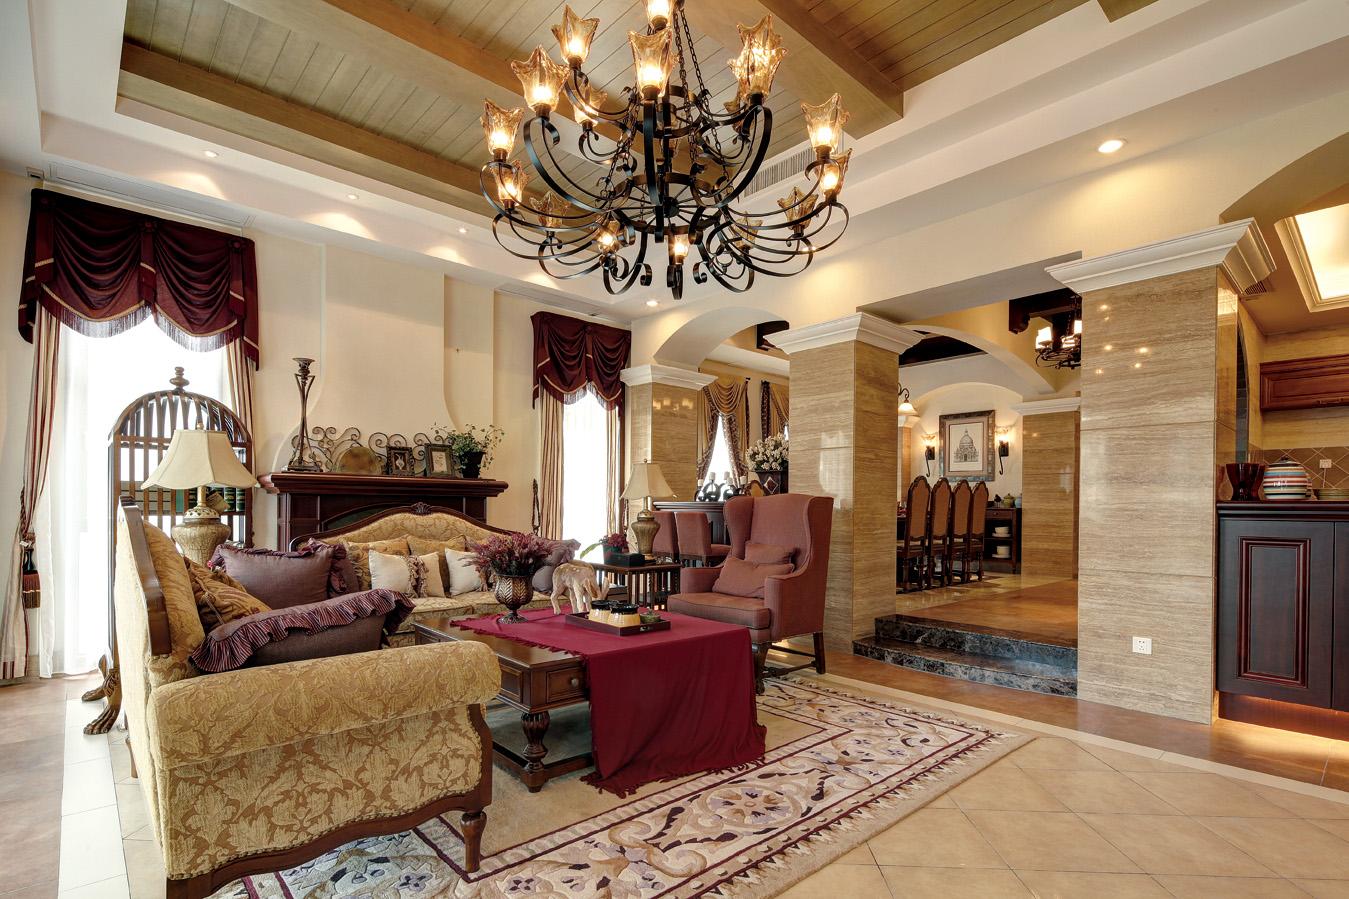 美式乡村风格别墅客厅装修效果图